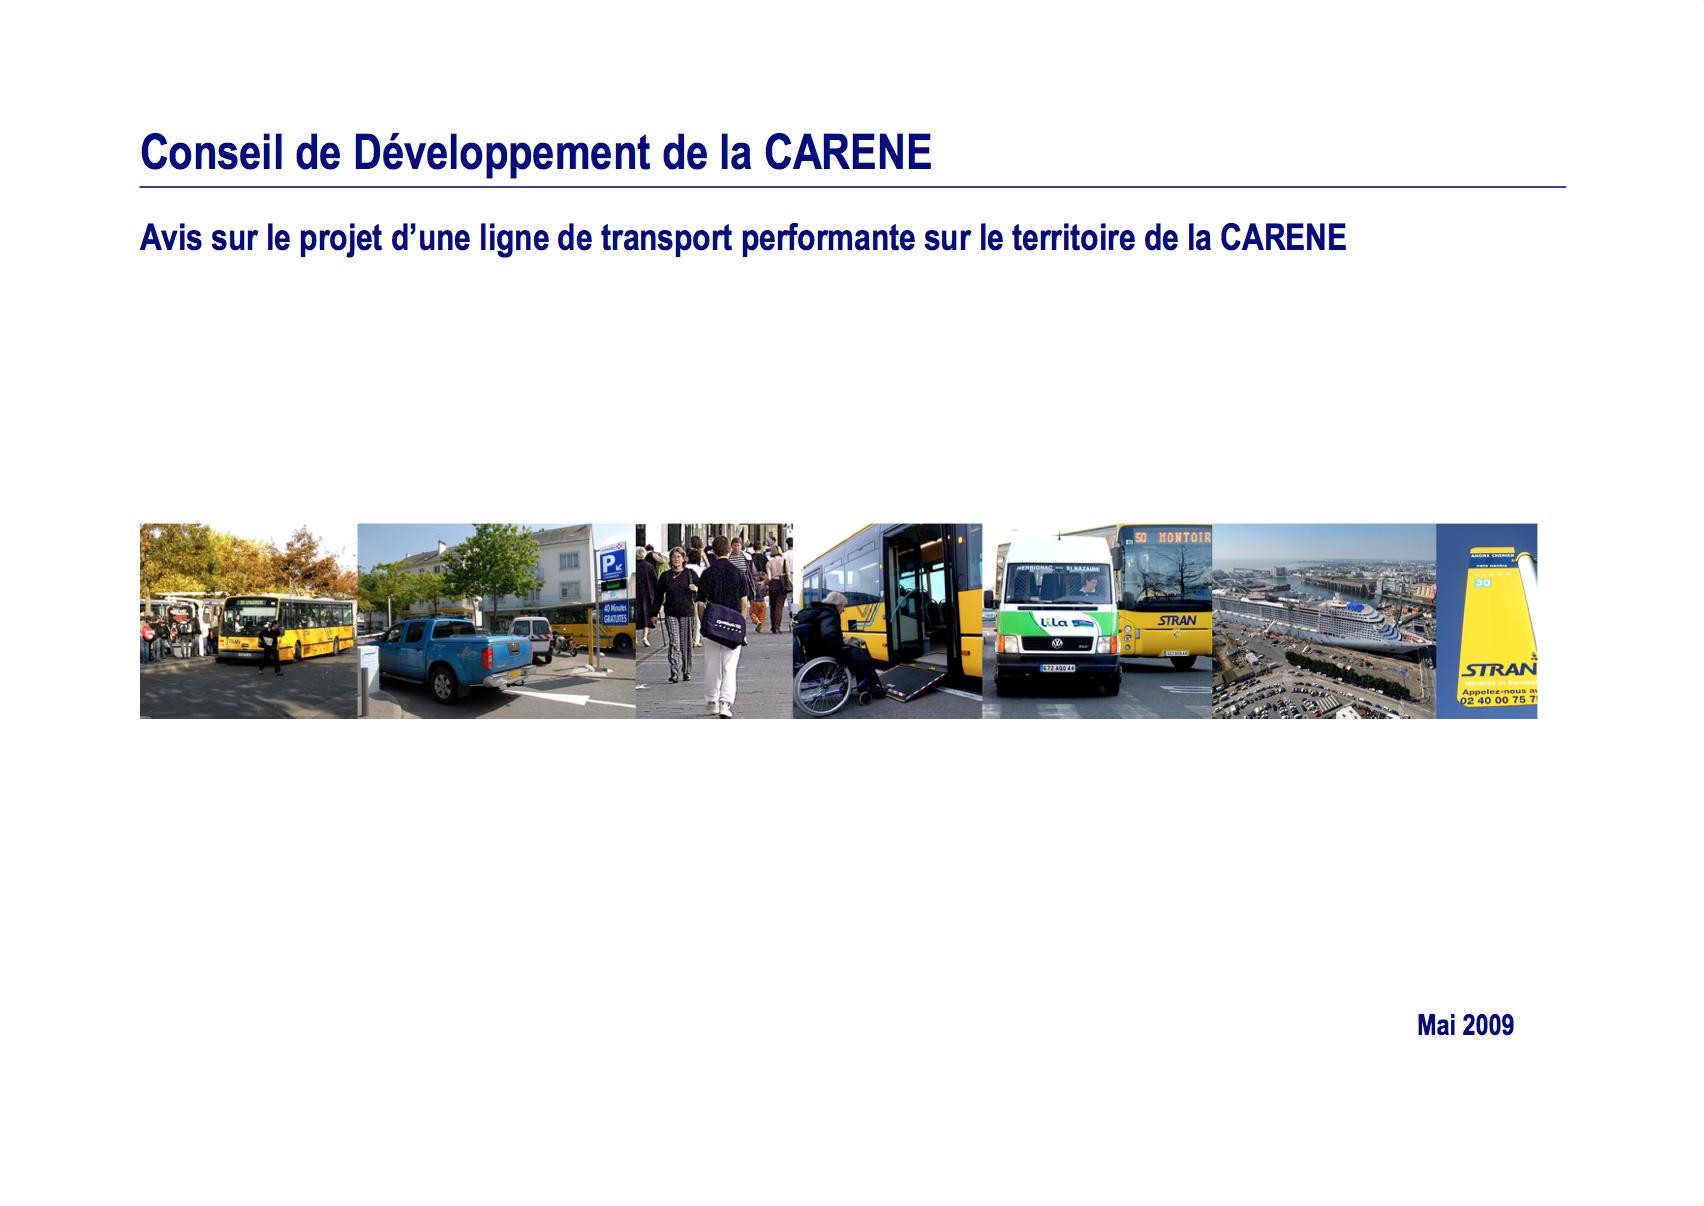 Avis sur le projet d'une ligne de transport performante sur le territoire de la CARENE